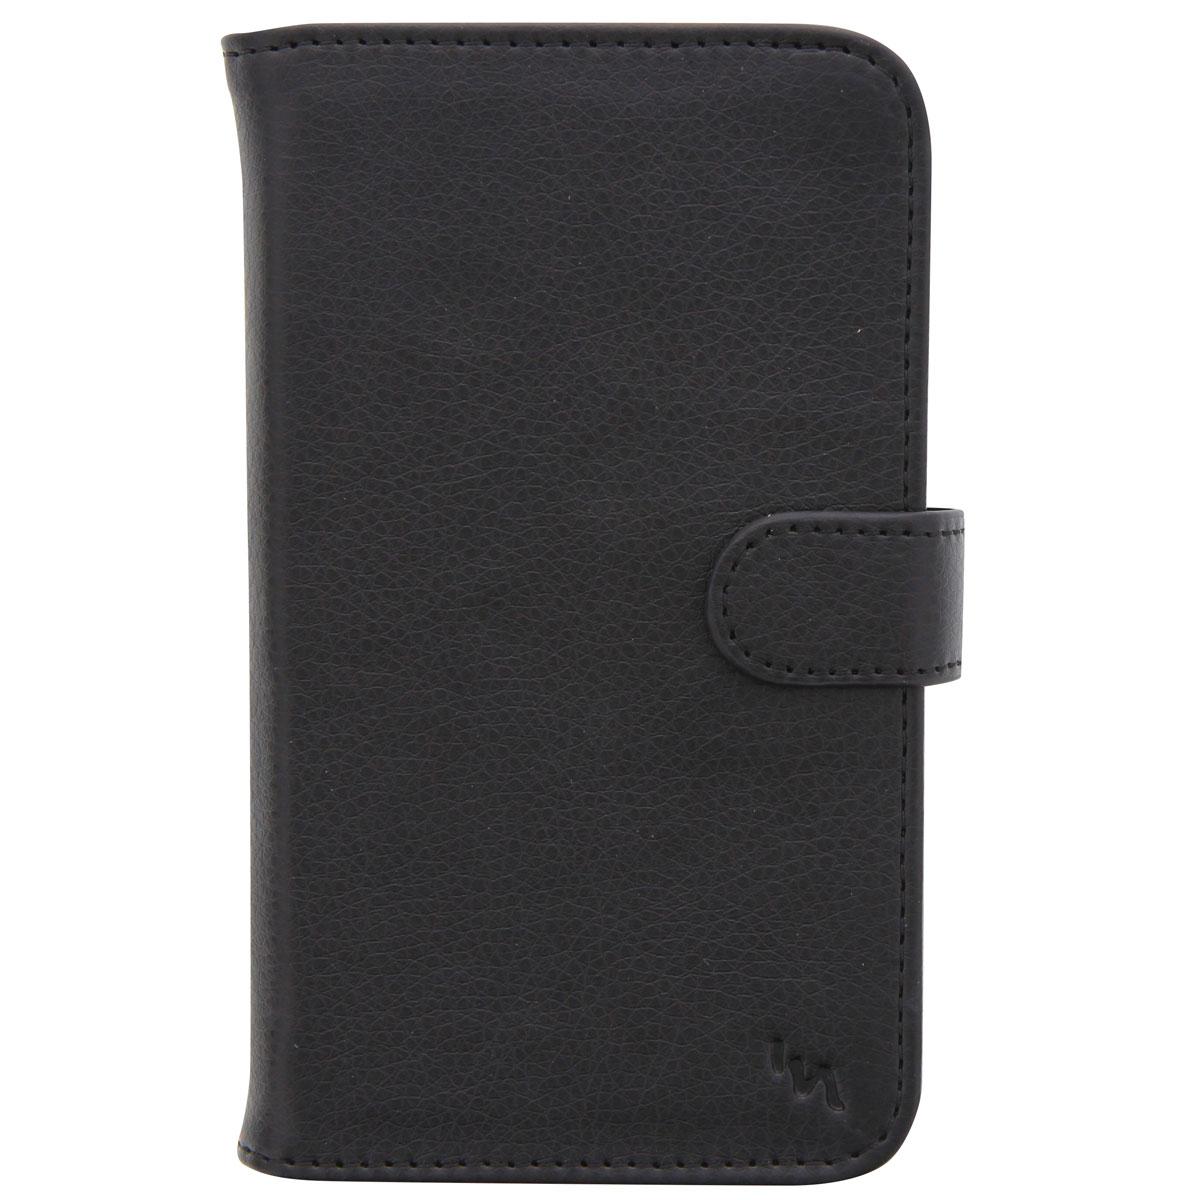 TNB UPFOLBKM универсальный чехол для смартфона, Black чехол книжка norton бежевый рептилия ультратонкий универсальный для смартфонов 3 2 4 2